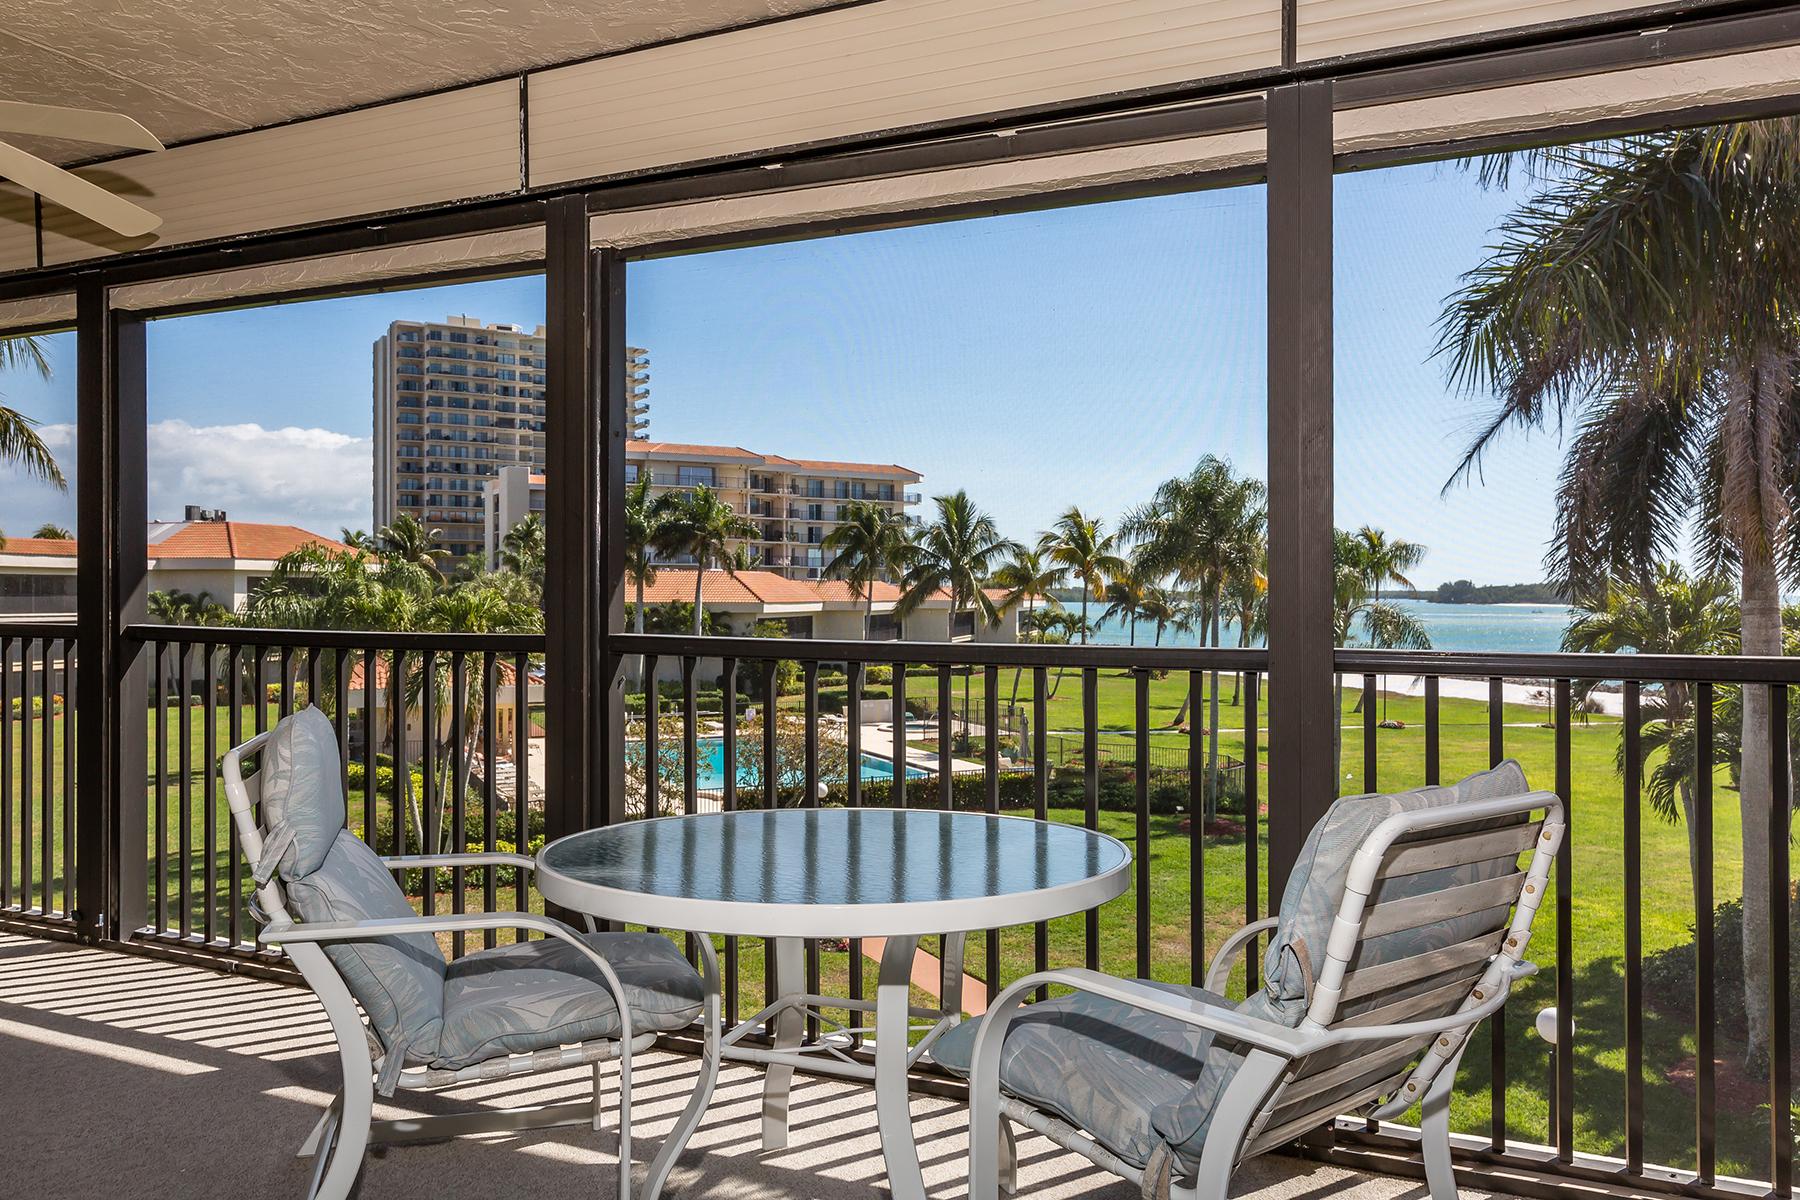 Condomínio para Venda às MARCO ISLAND 1080 S Collier Blvd 301 Marco Island, Florida, 34145 Estados Unidos